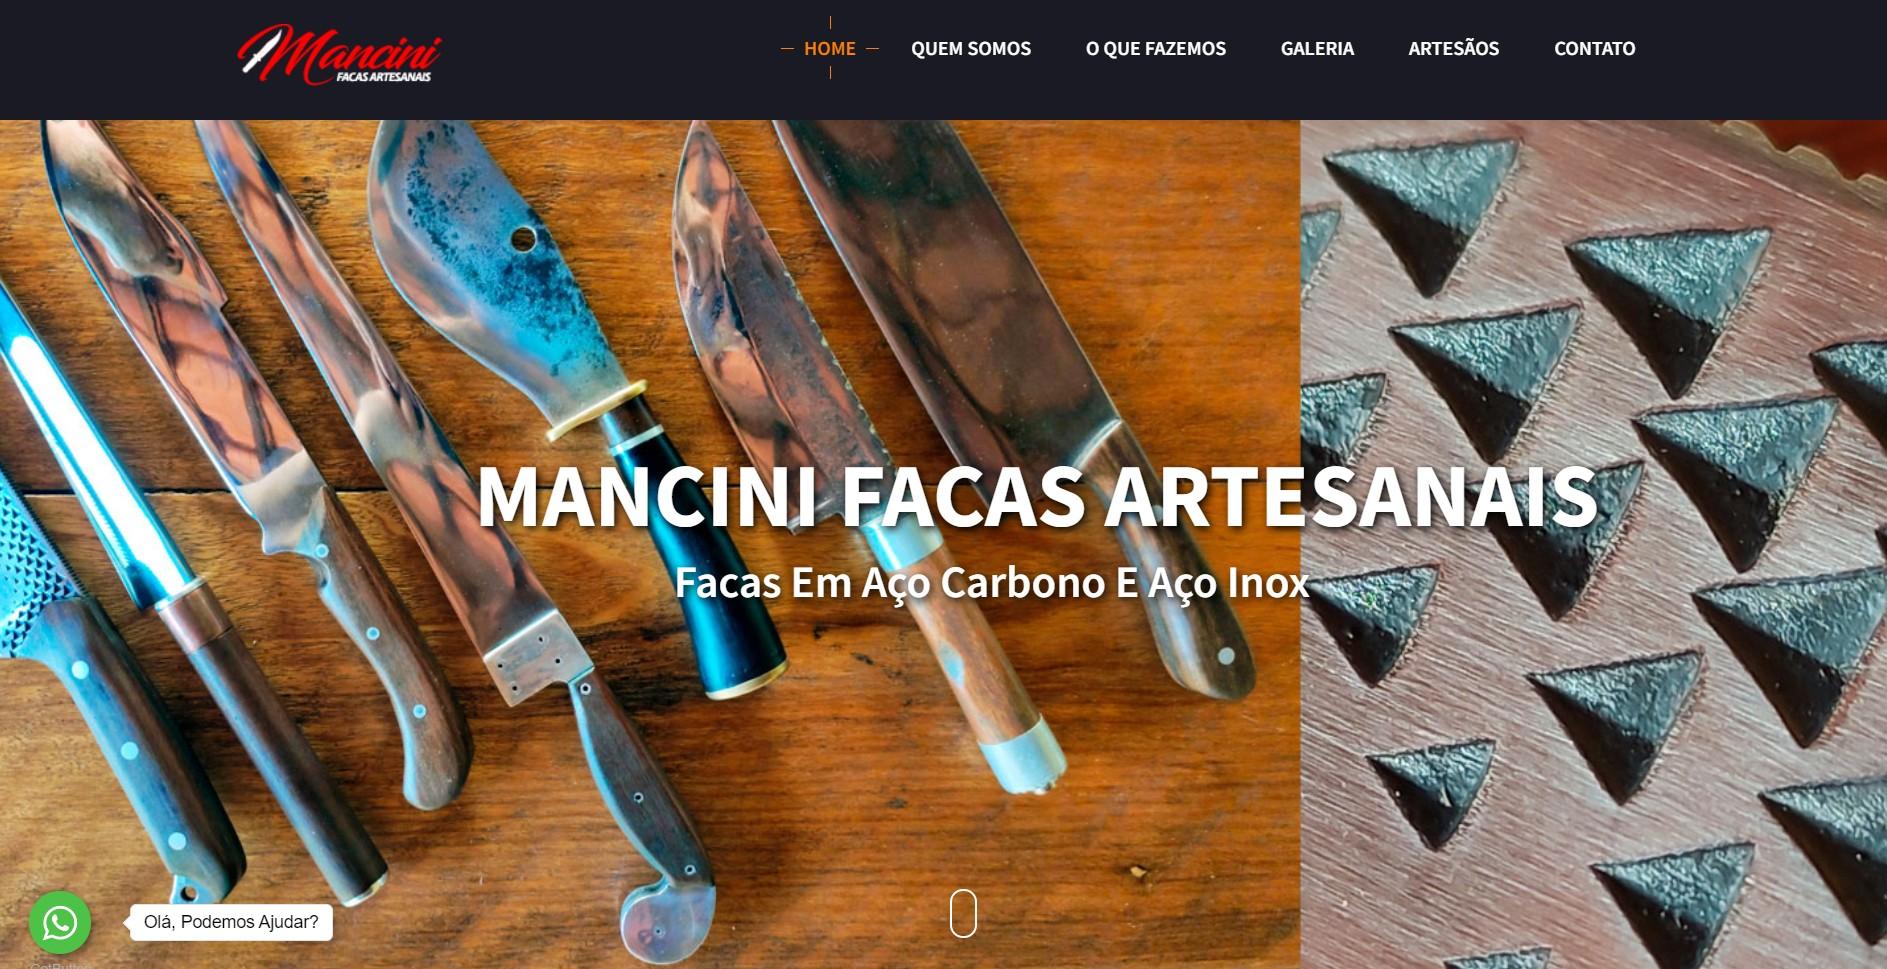 Novo Projeto Web no Ar! Mancini Facas Artesanais